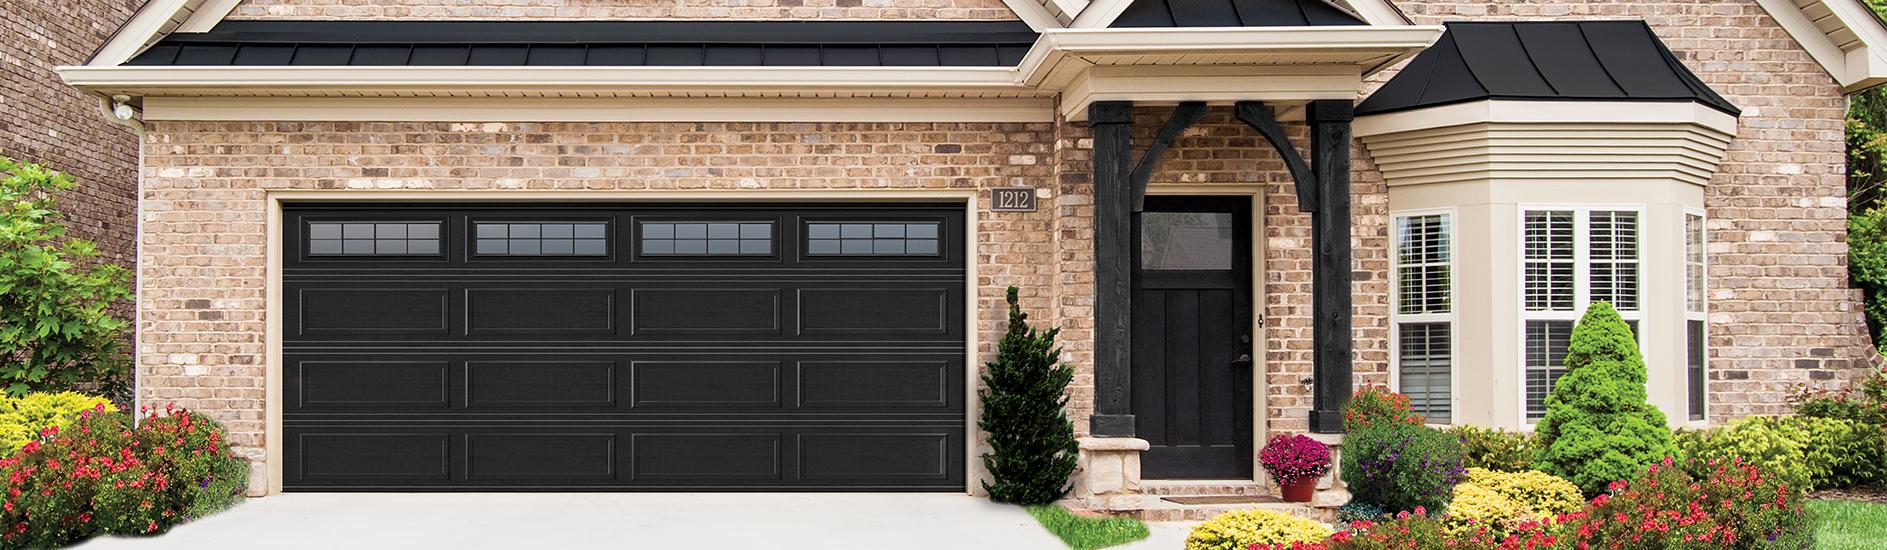 Merits of Hiring Garage Door repair service